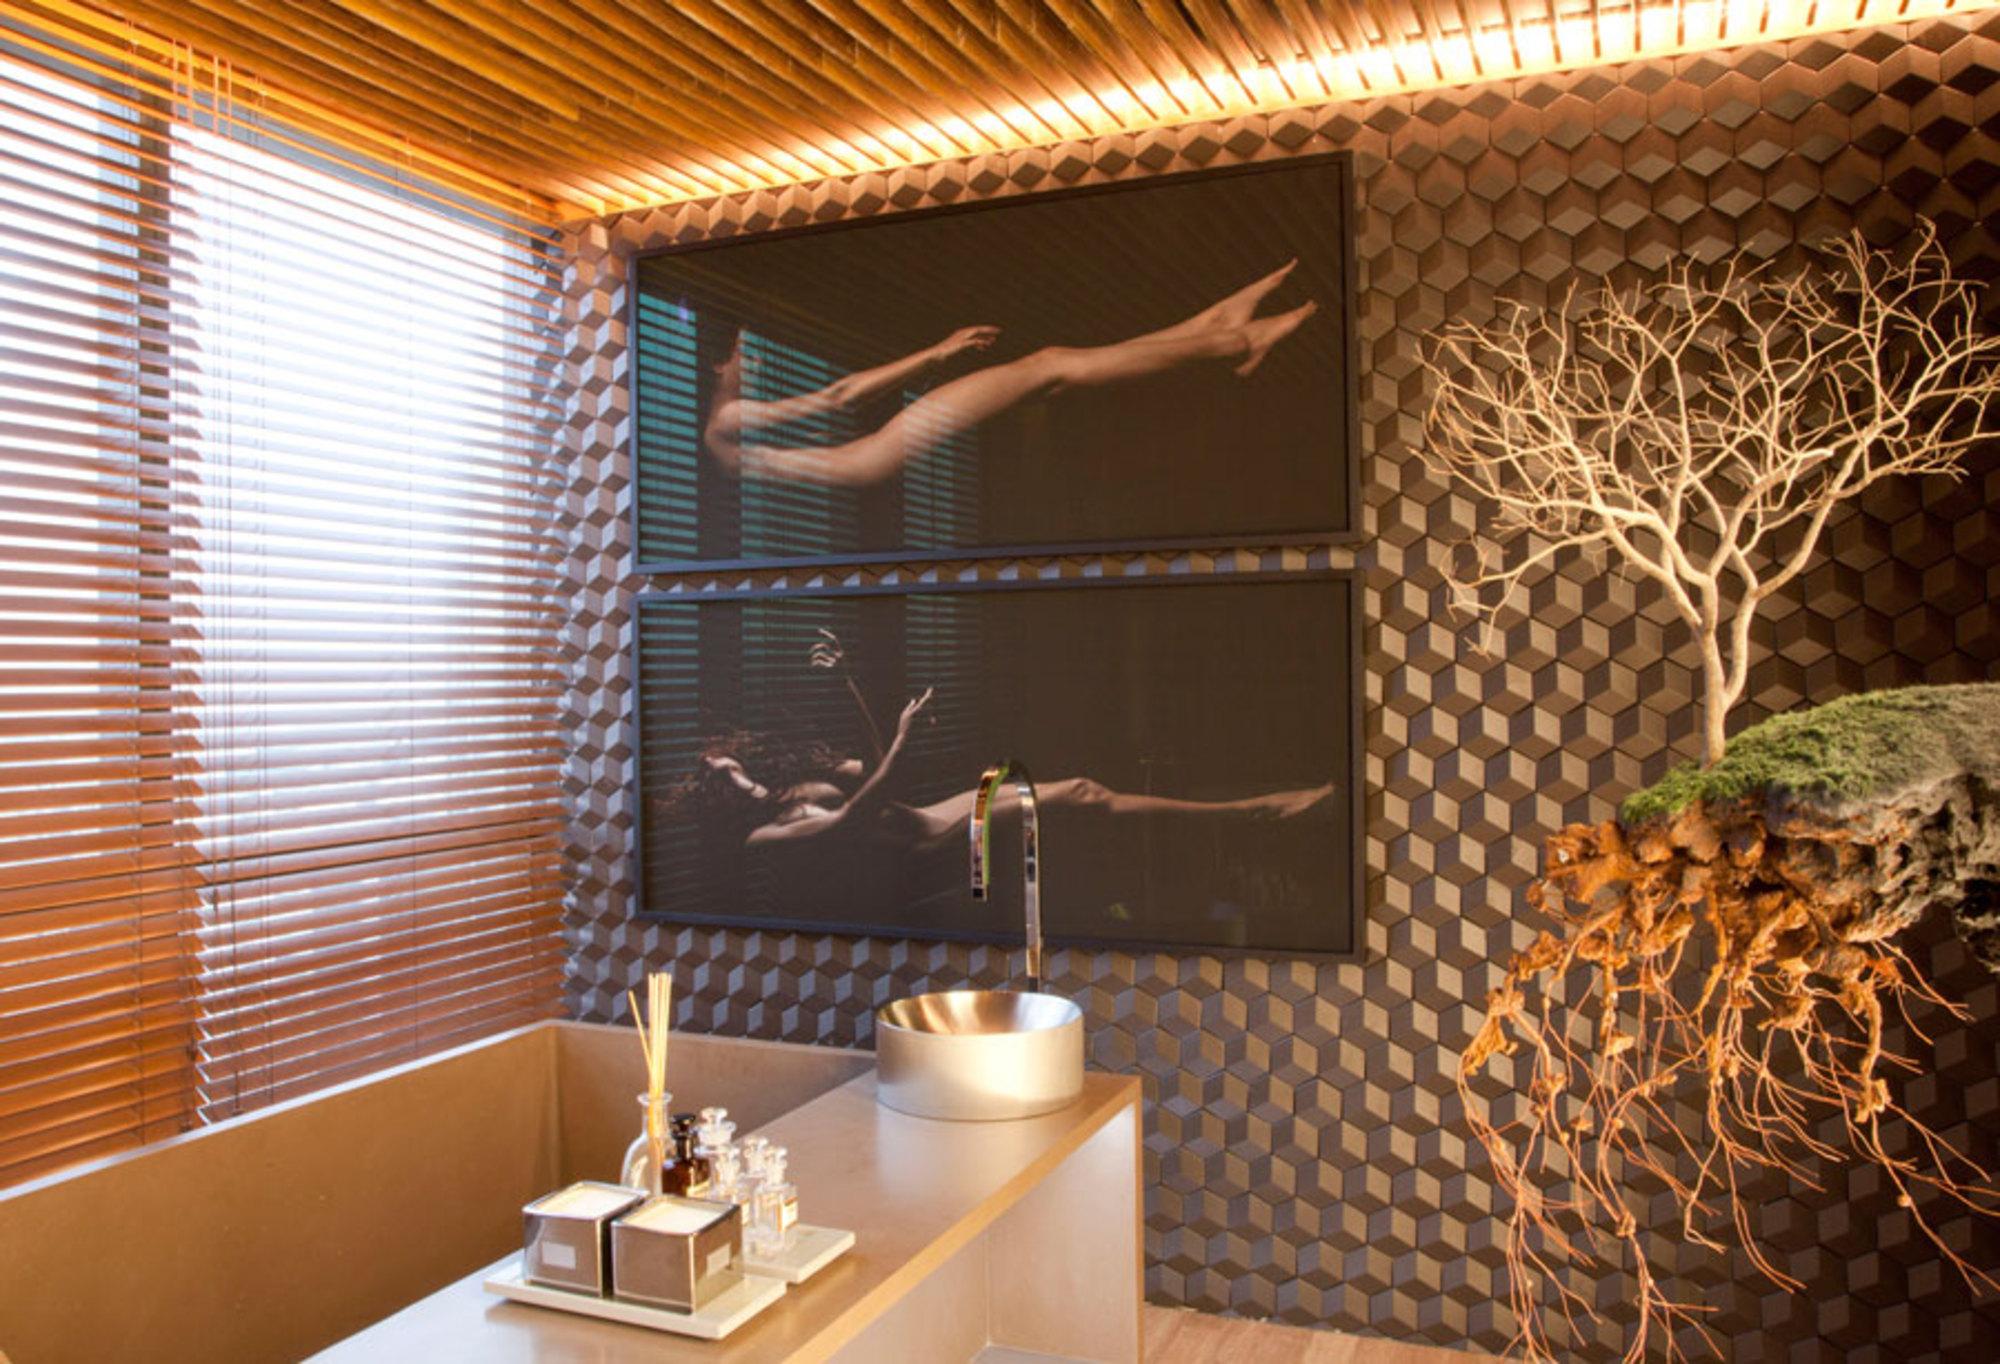 Imagens de #A96C22 GUILHERME TORRES MOSTRA BLACK Casa de Valentina 2000x1364 px 3614 Banheiros Sociais Pequenos